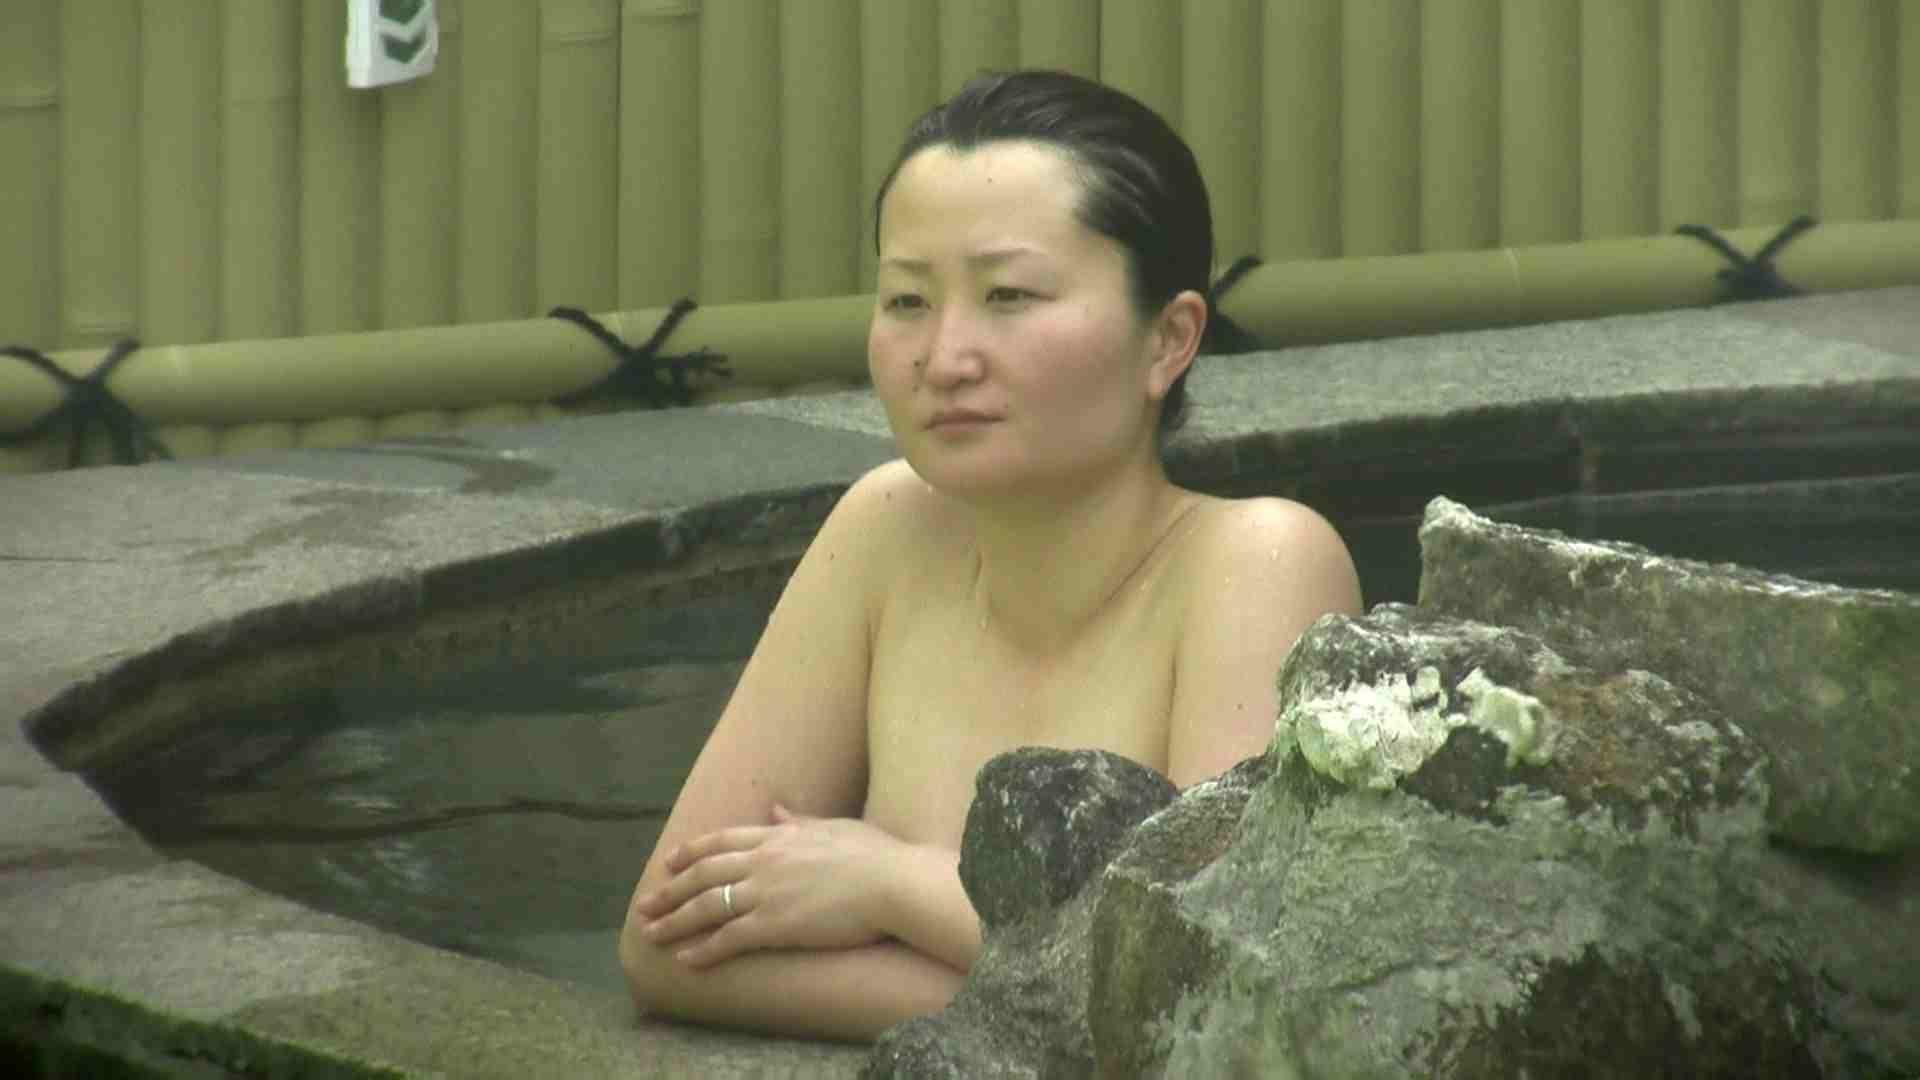 Aquaな露天風呂Vol.632 露天  111pic 6